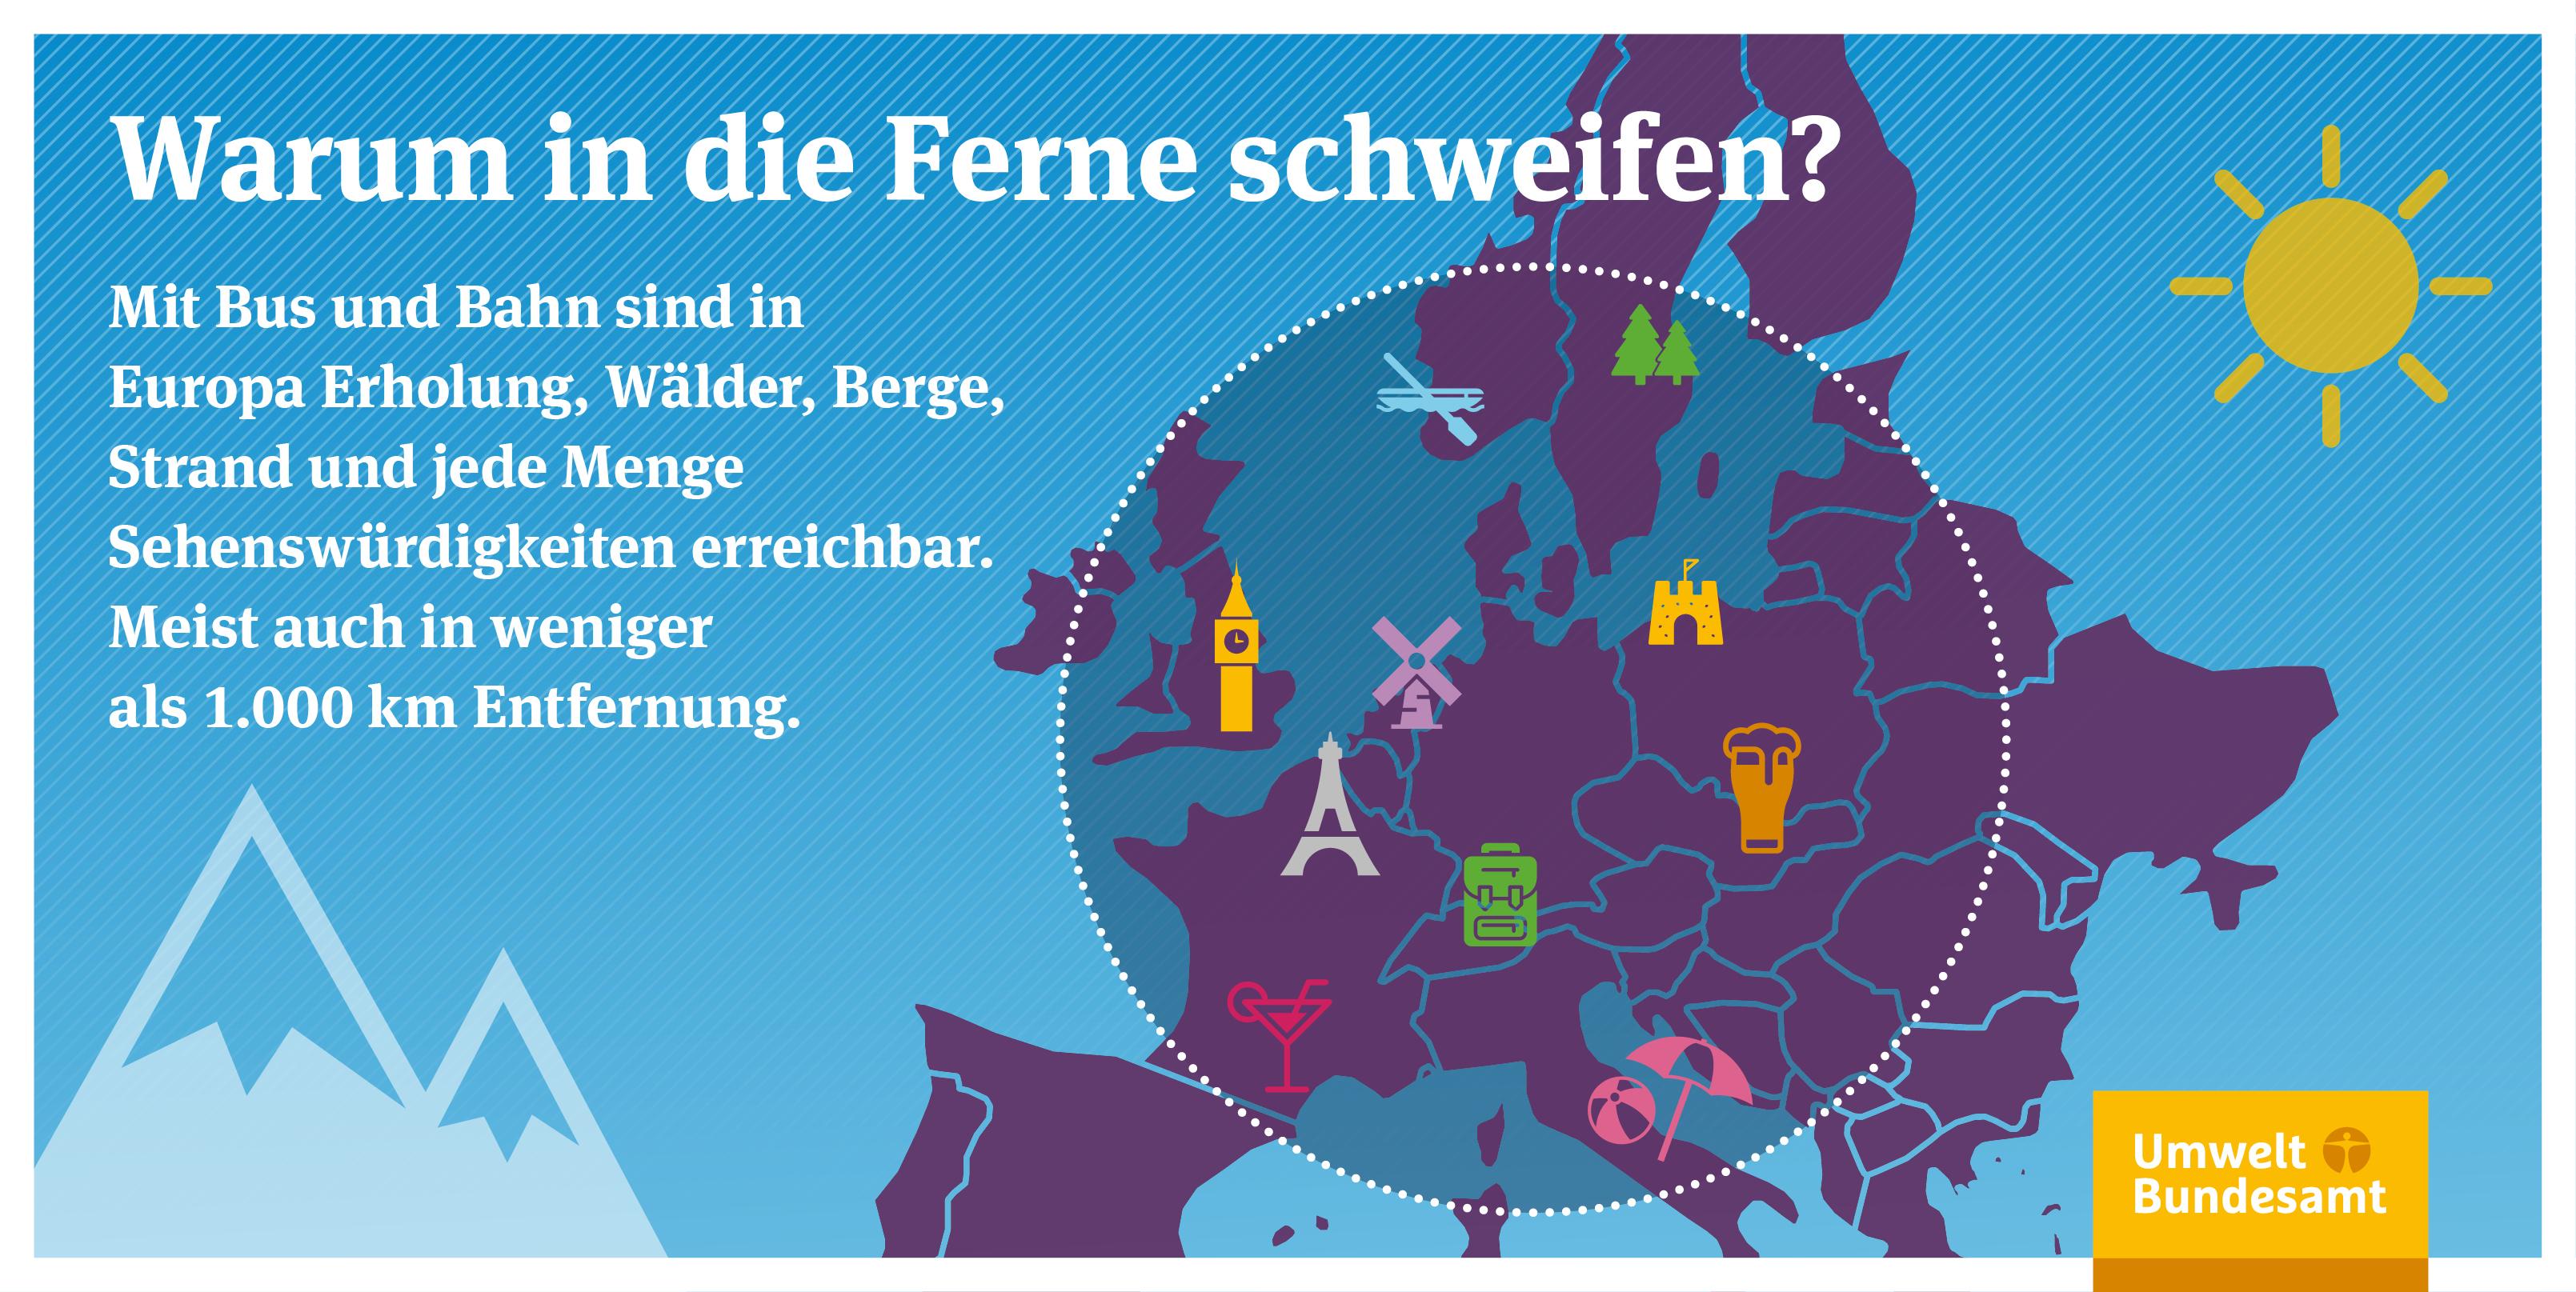 Mit Bus und Bahn sind in Europa sehr viele touristische Ziele erreichbar